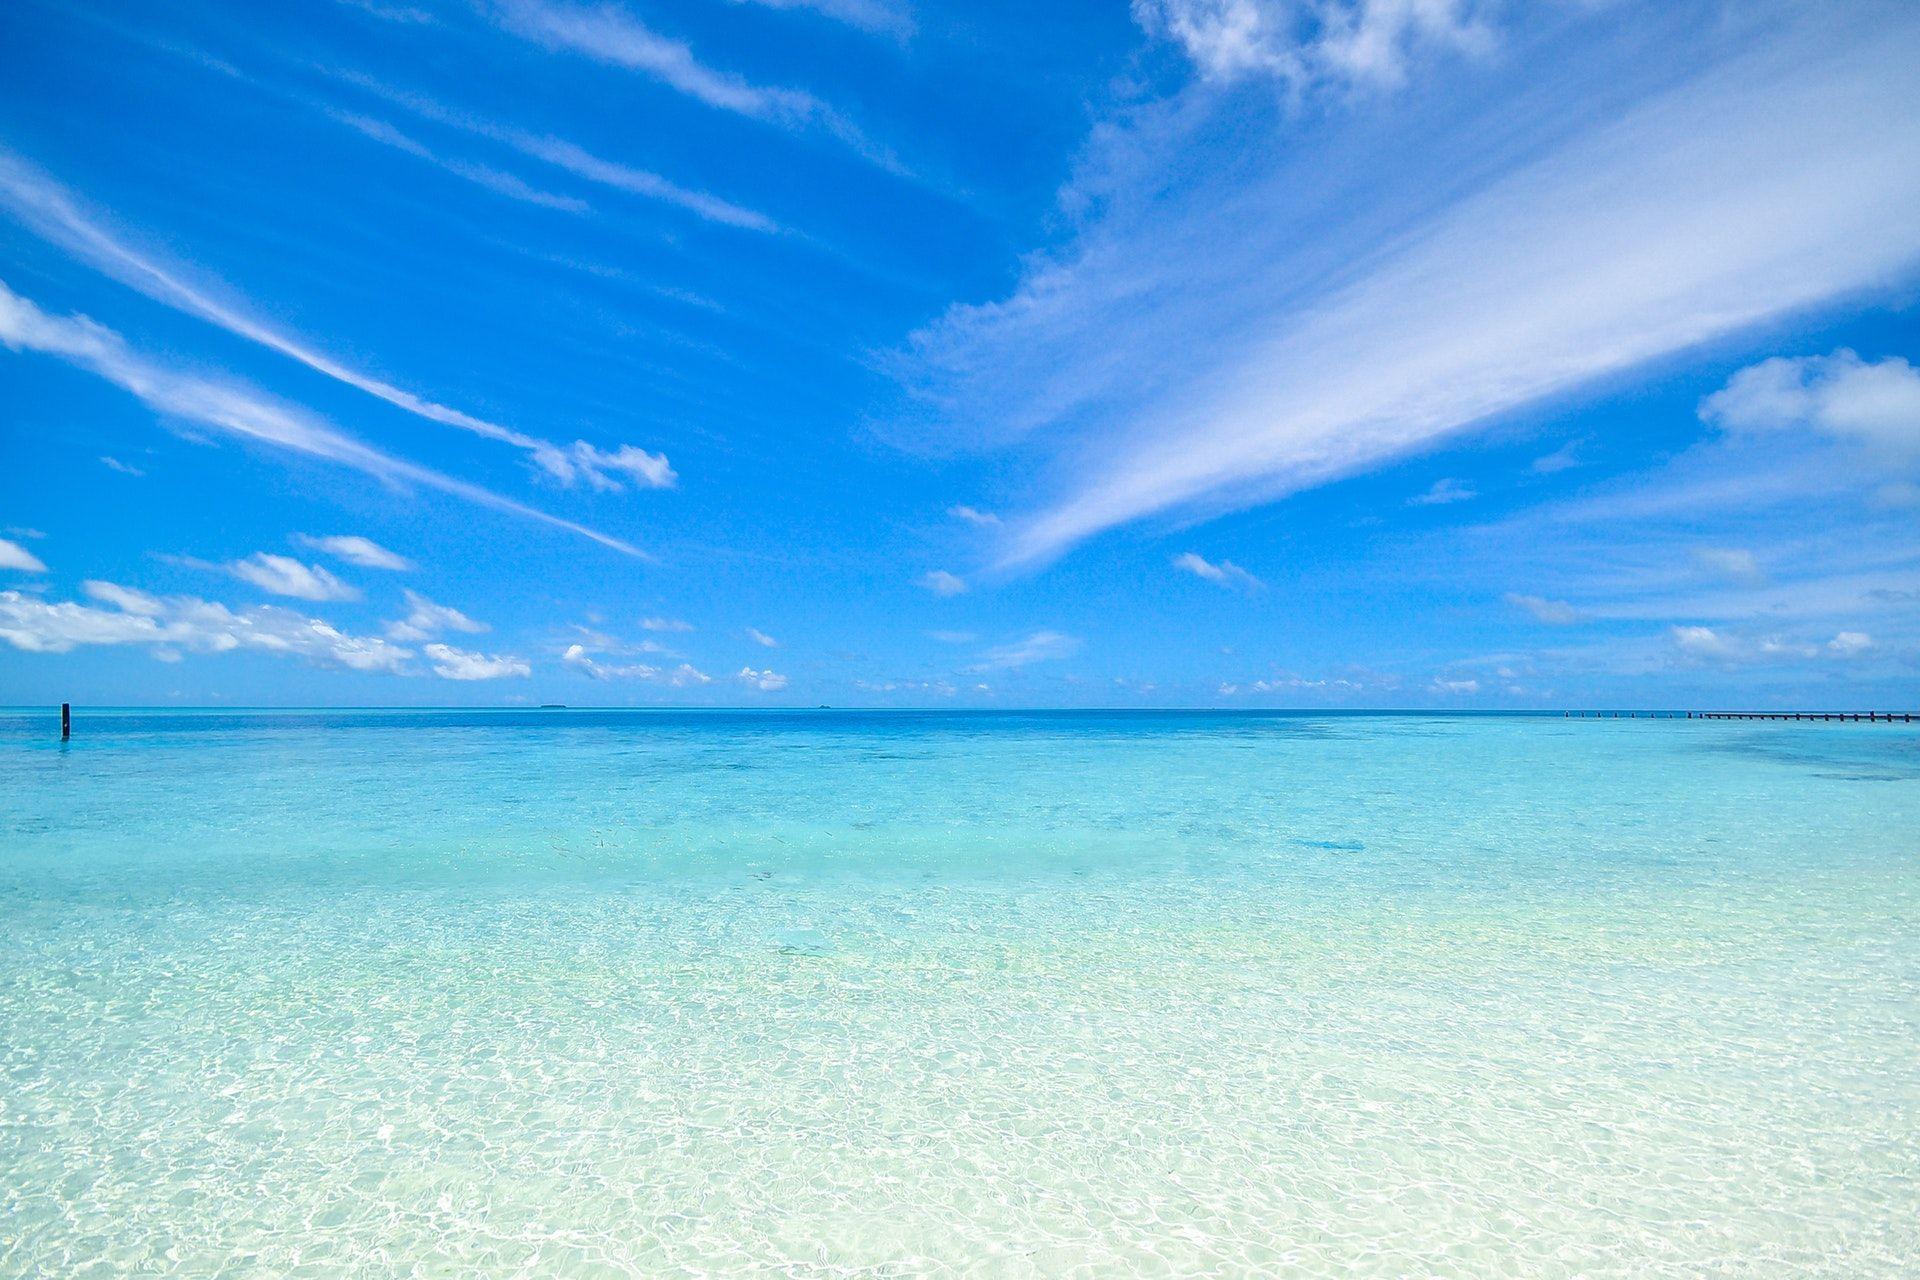 عکس زمینه رنگ آبی روشن ساحل پس زمینه